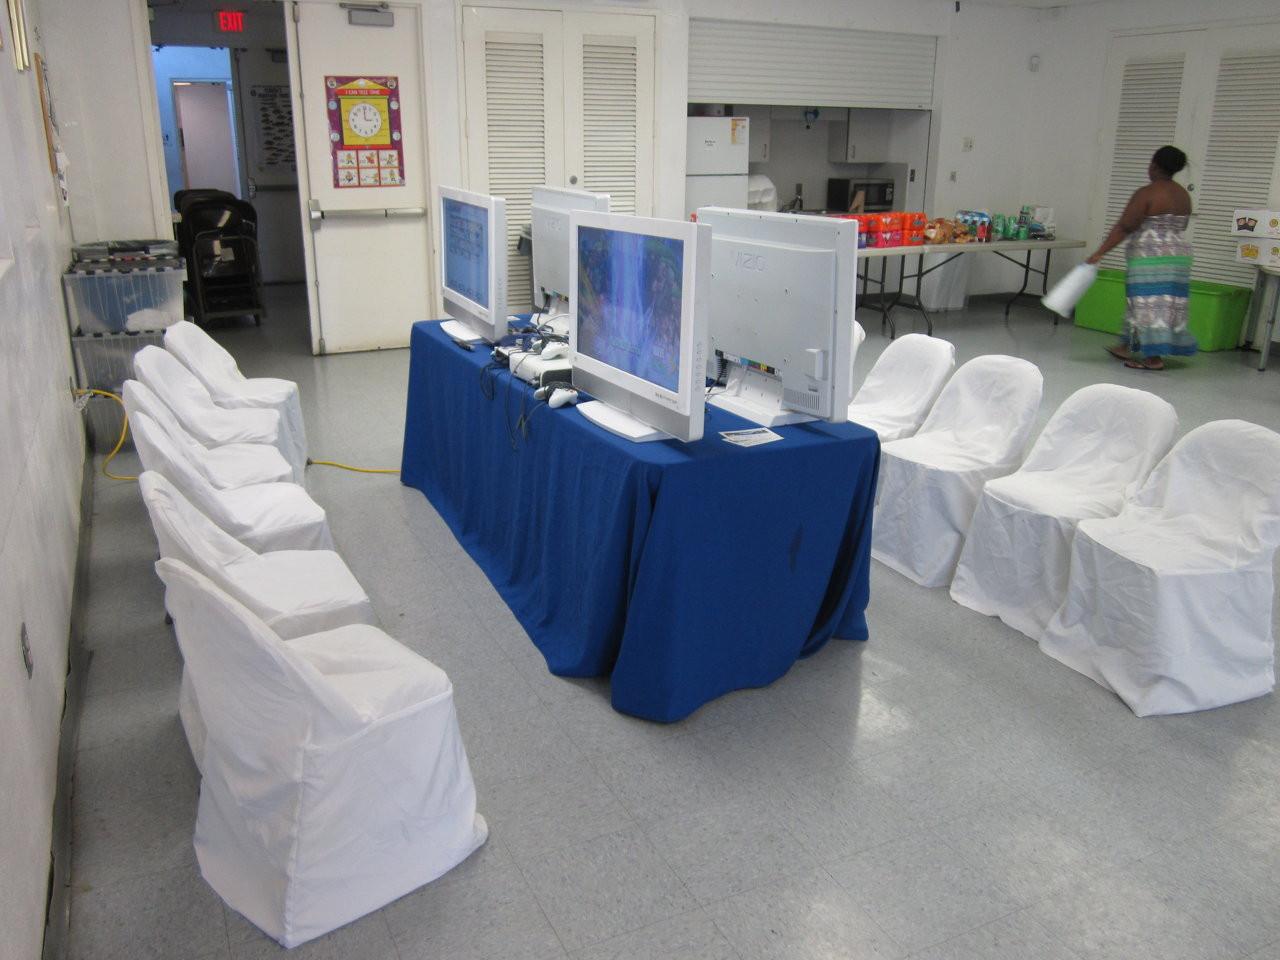 Indoor Video Game Party